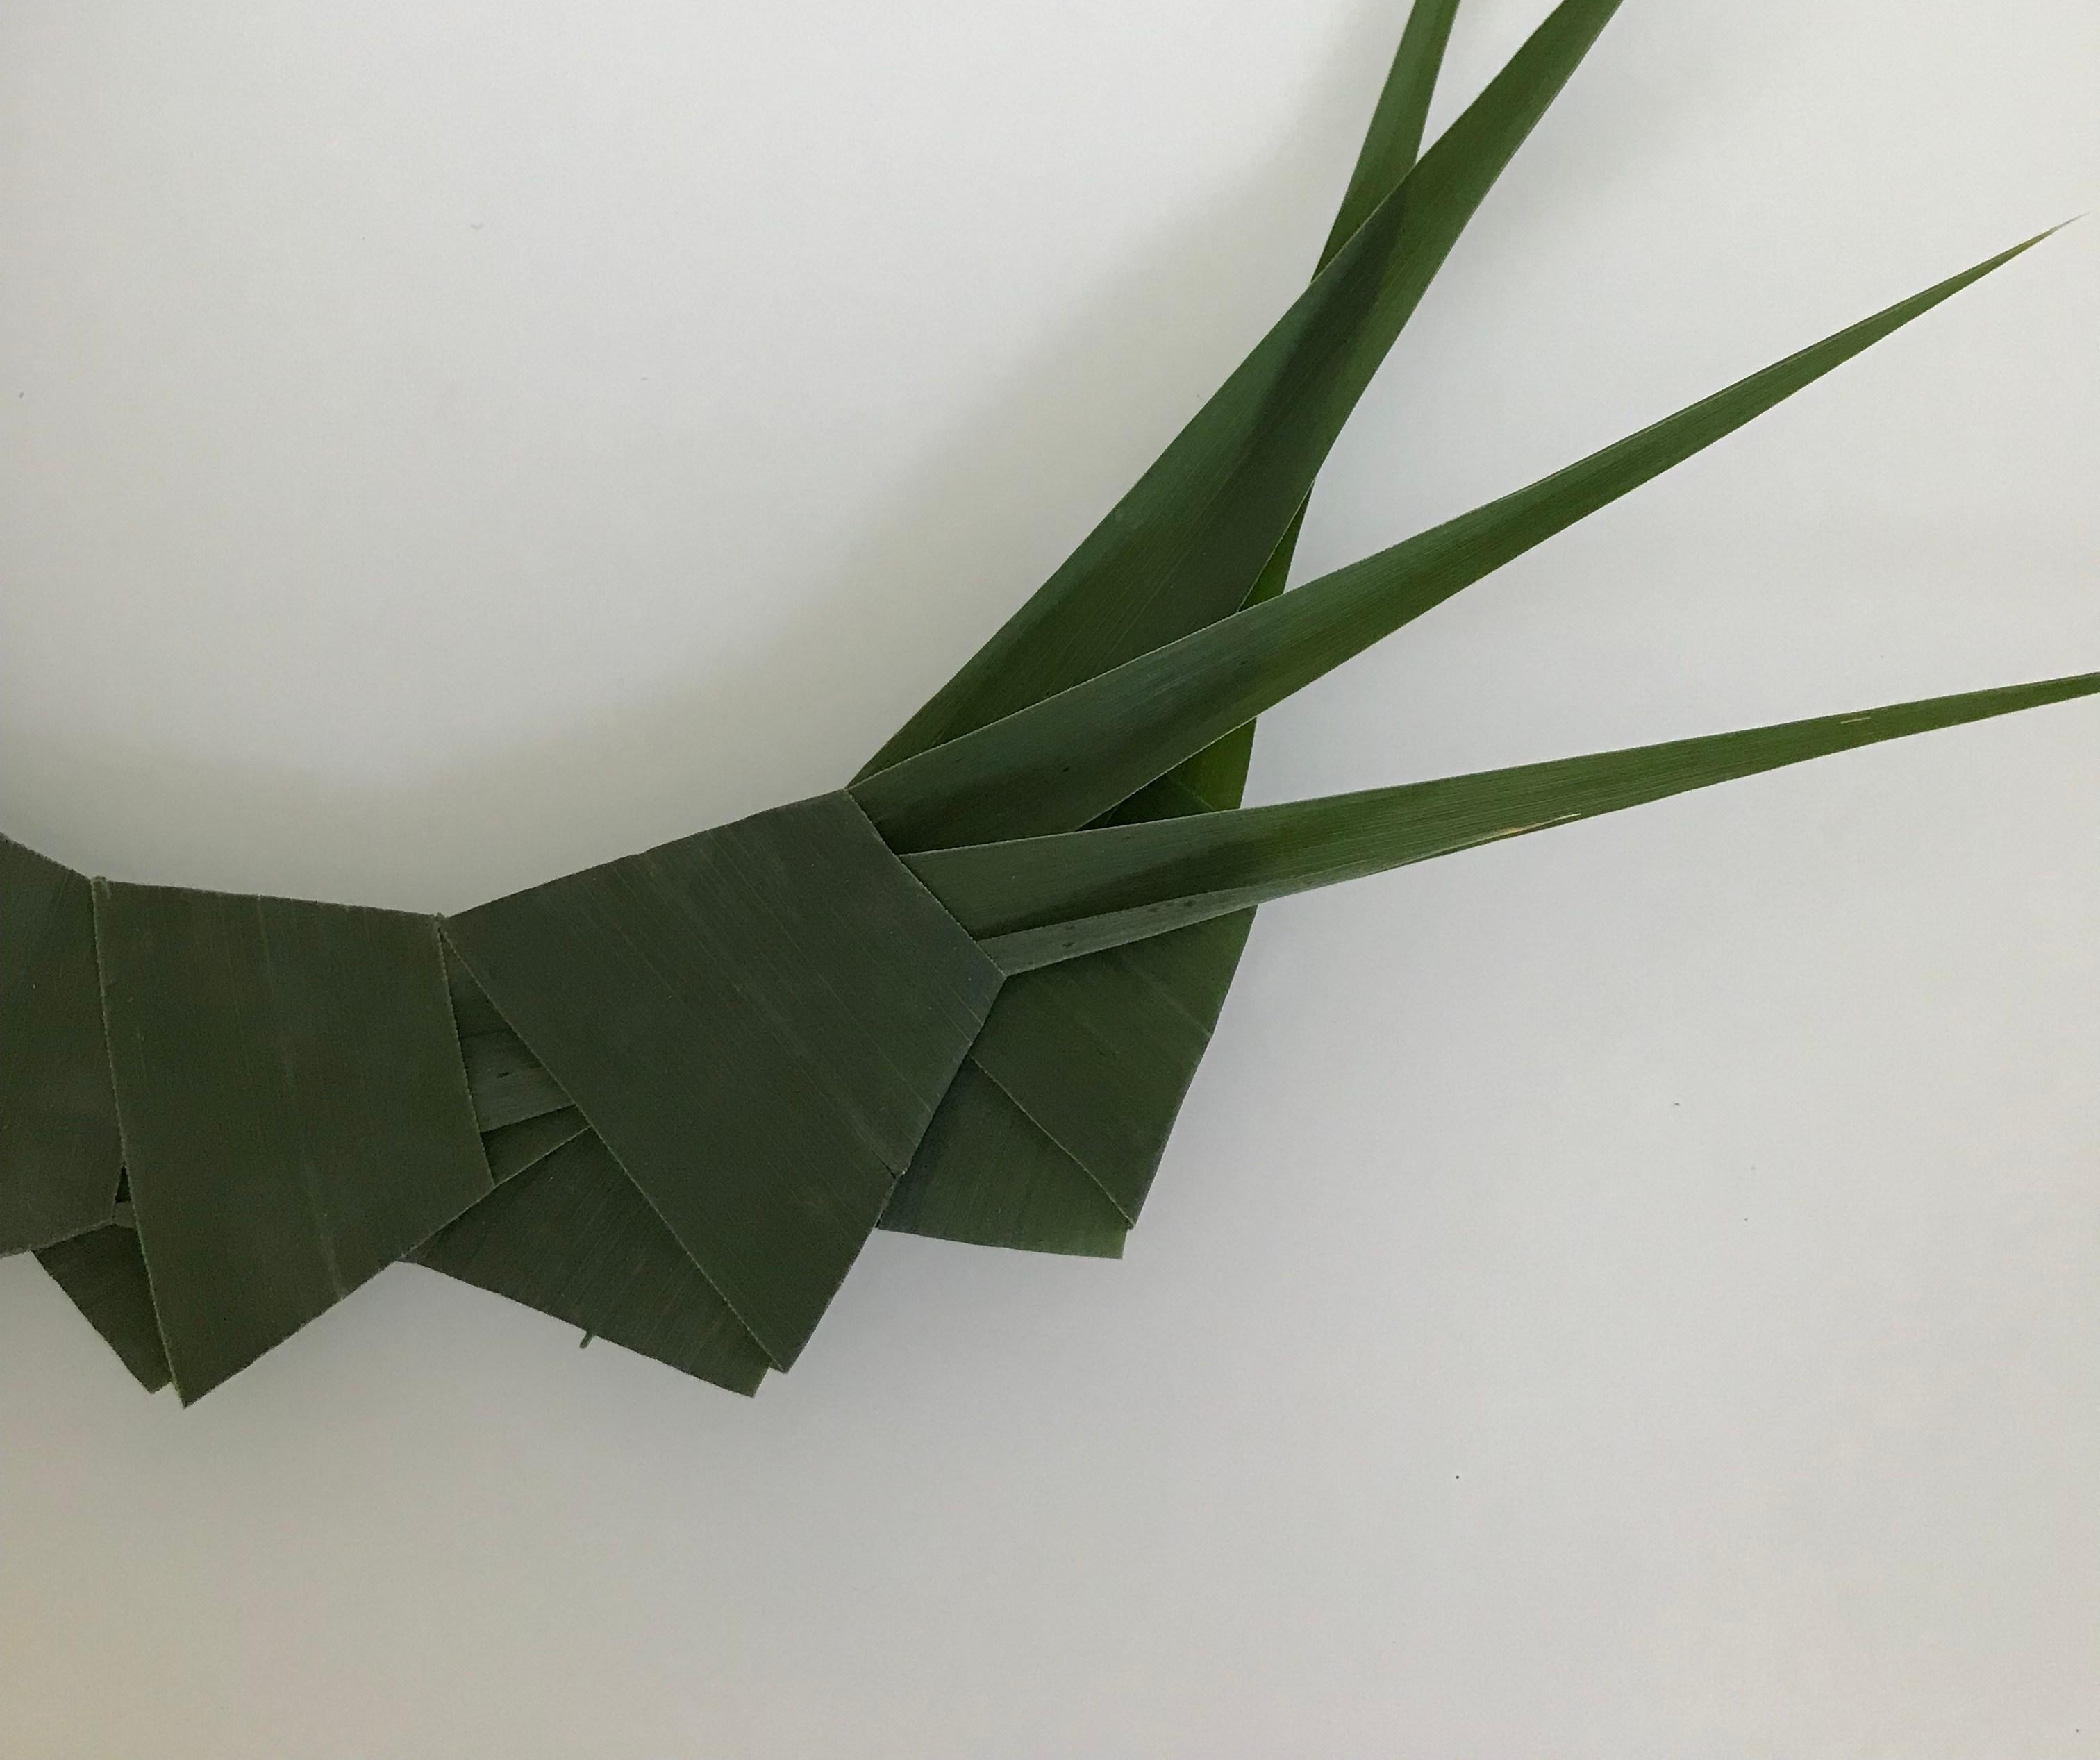 Kranz aus Schilf, Basteln mit Naturmaterialien. Natürliche Deko. #Schilf, #chalet8